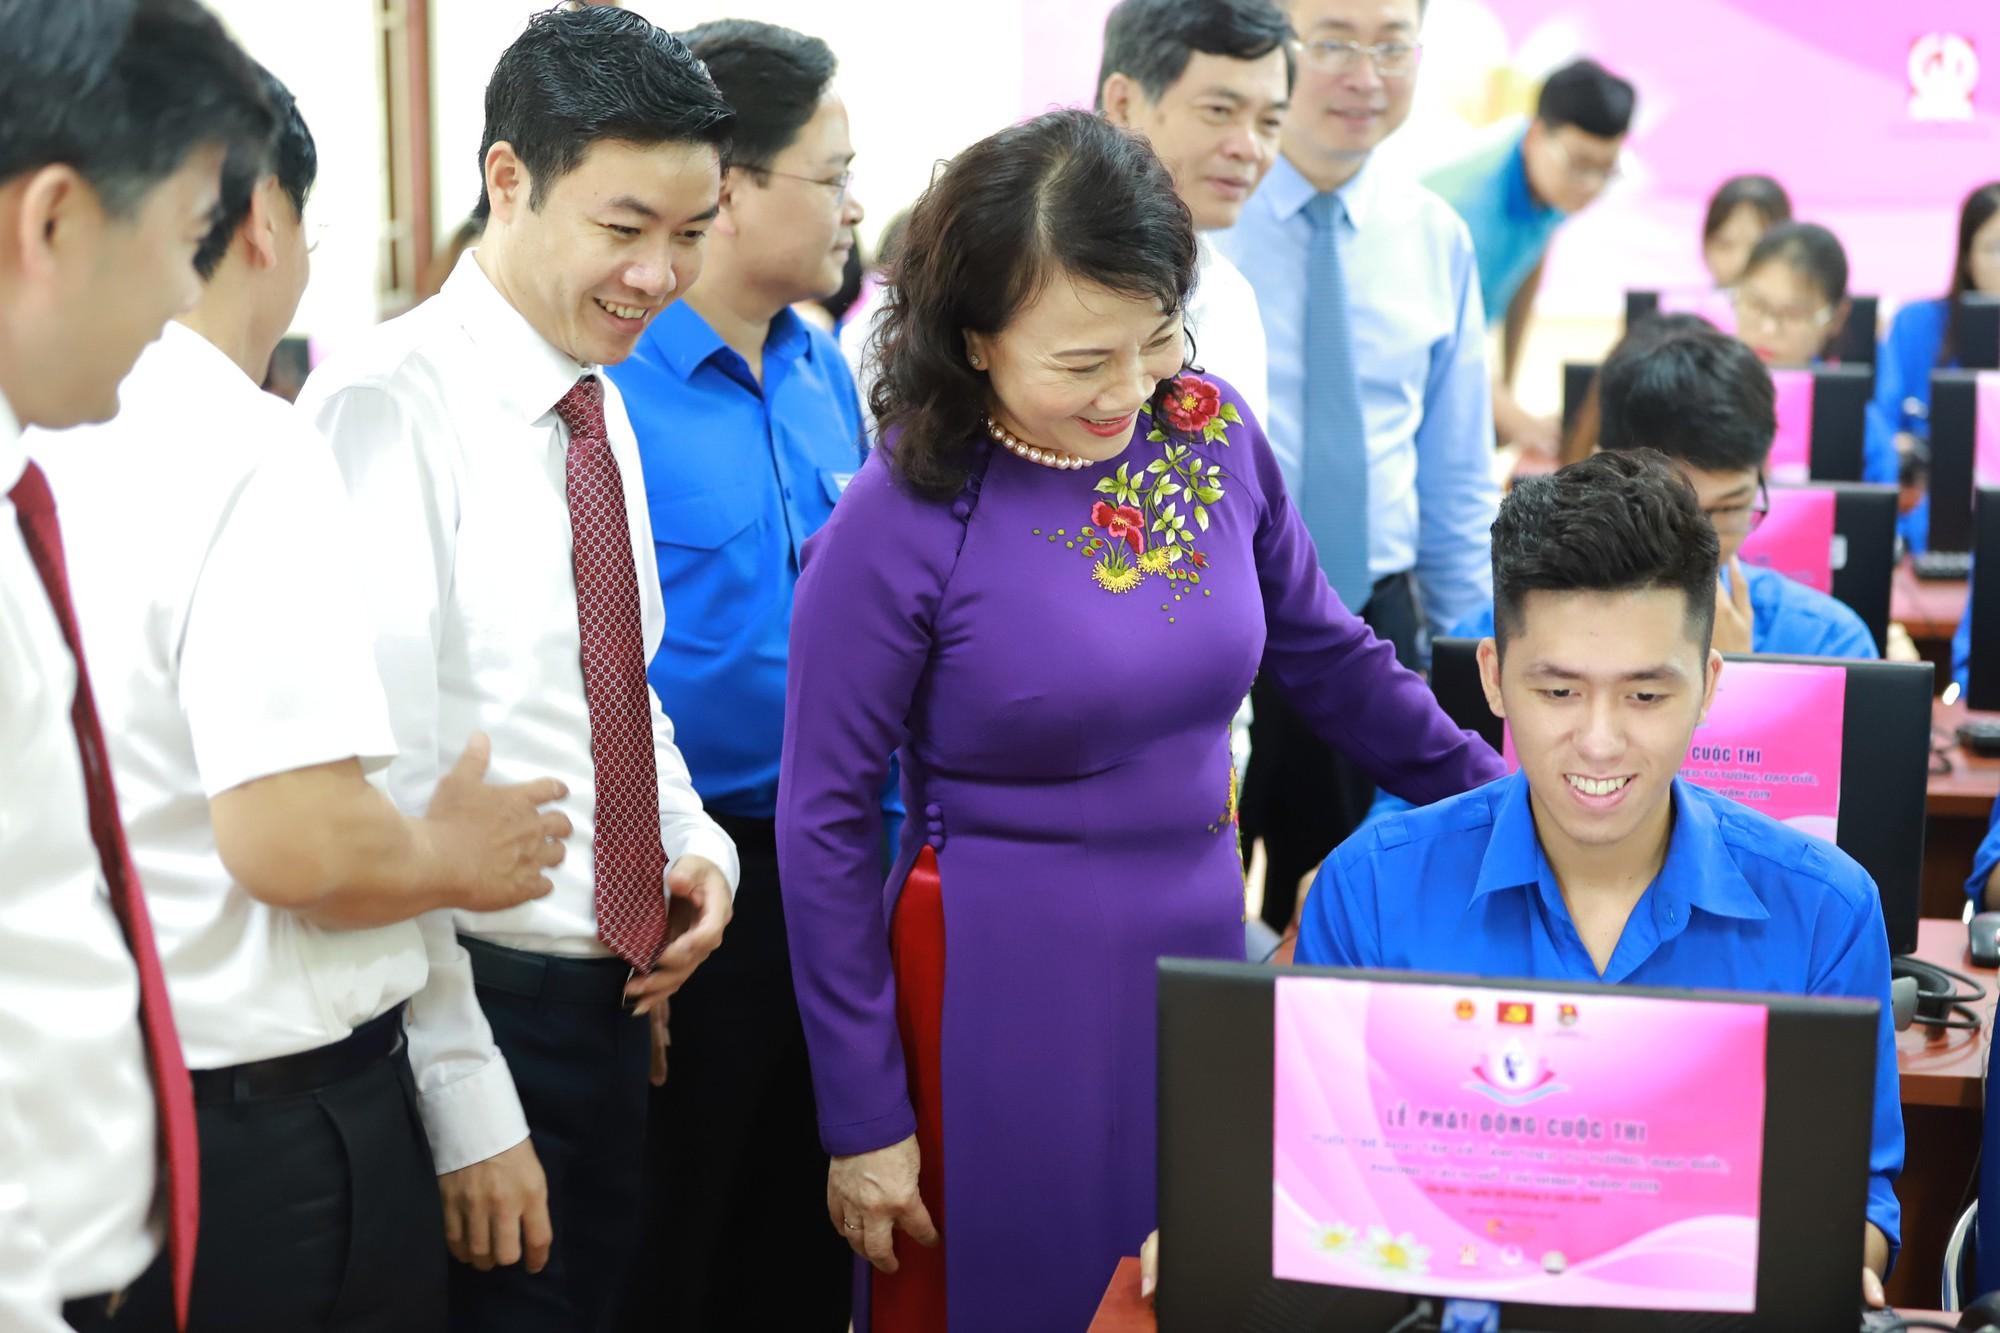 """Hưởng ứng cuộc thi """"Tuổi trẻ học tập và làm theo tư tưởng, đạo đức, phong cách Hồ Chí Minh"""" - Ảnh 2."""